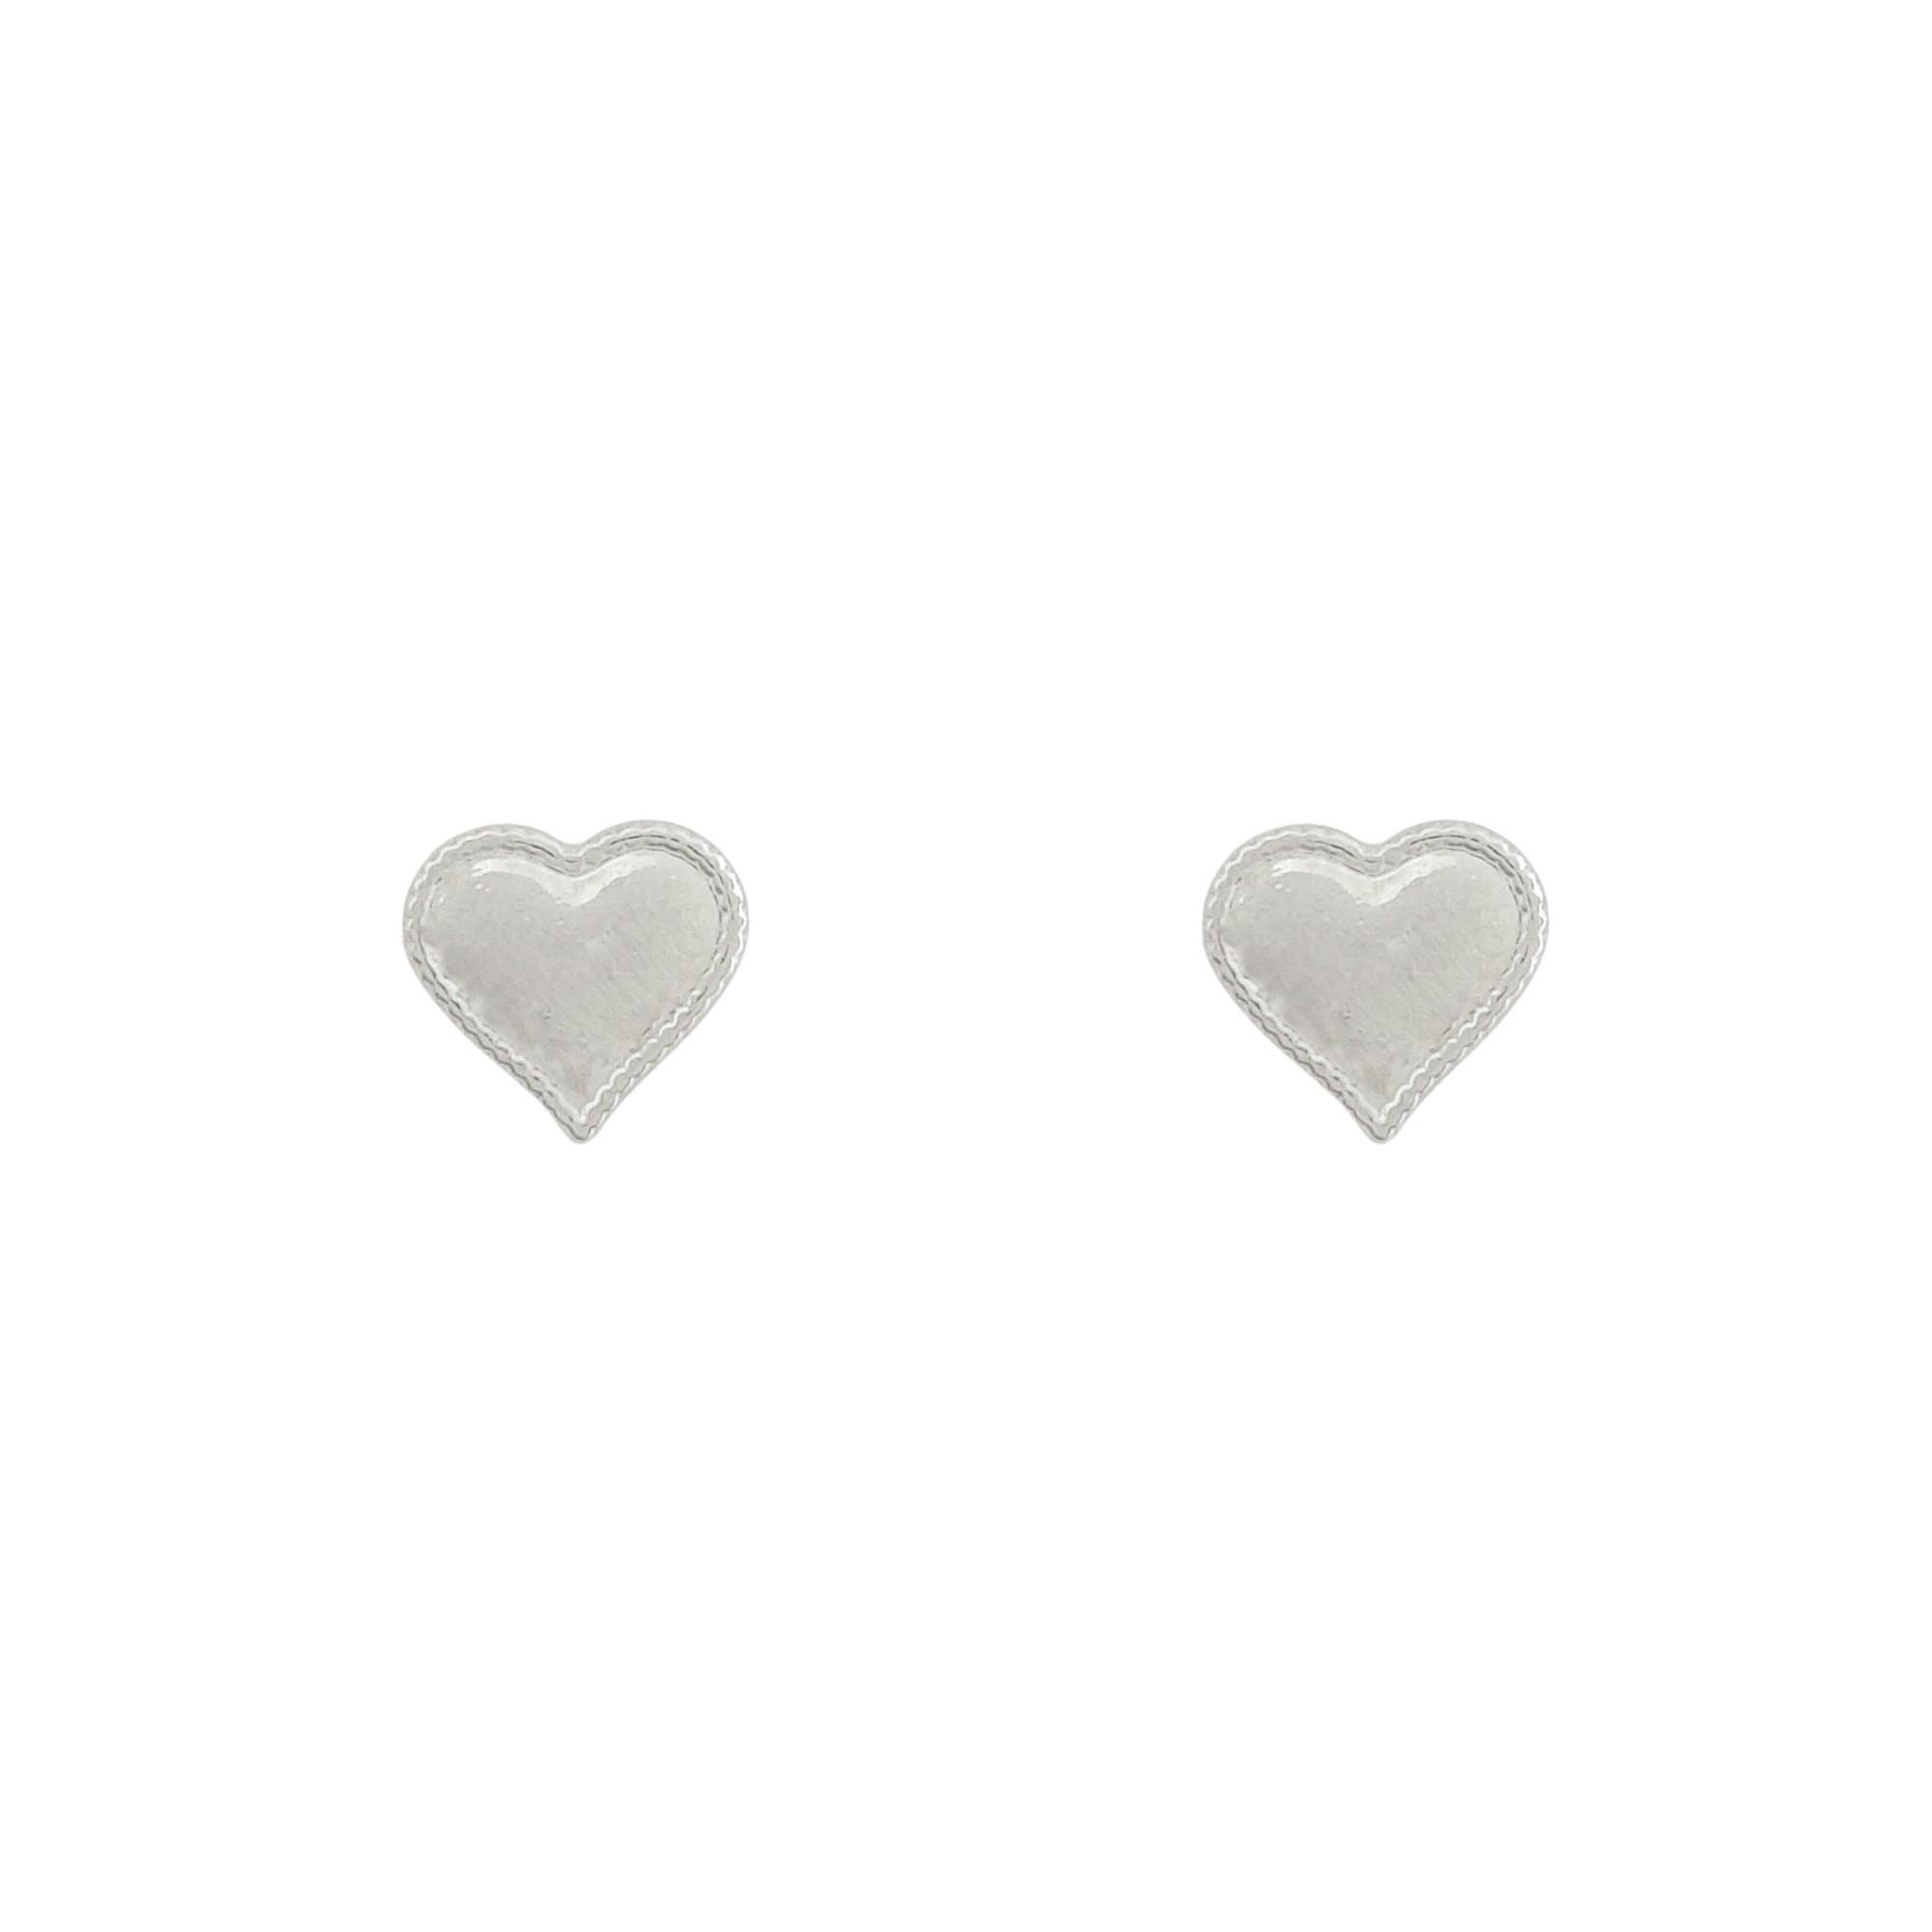 Brinco coração banhado a ouro 18k e ródio branco